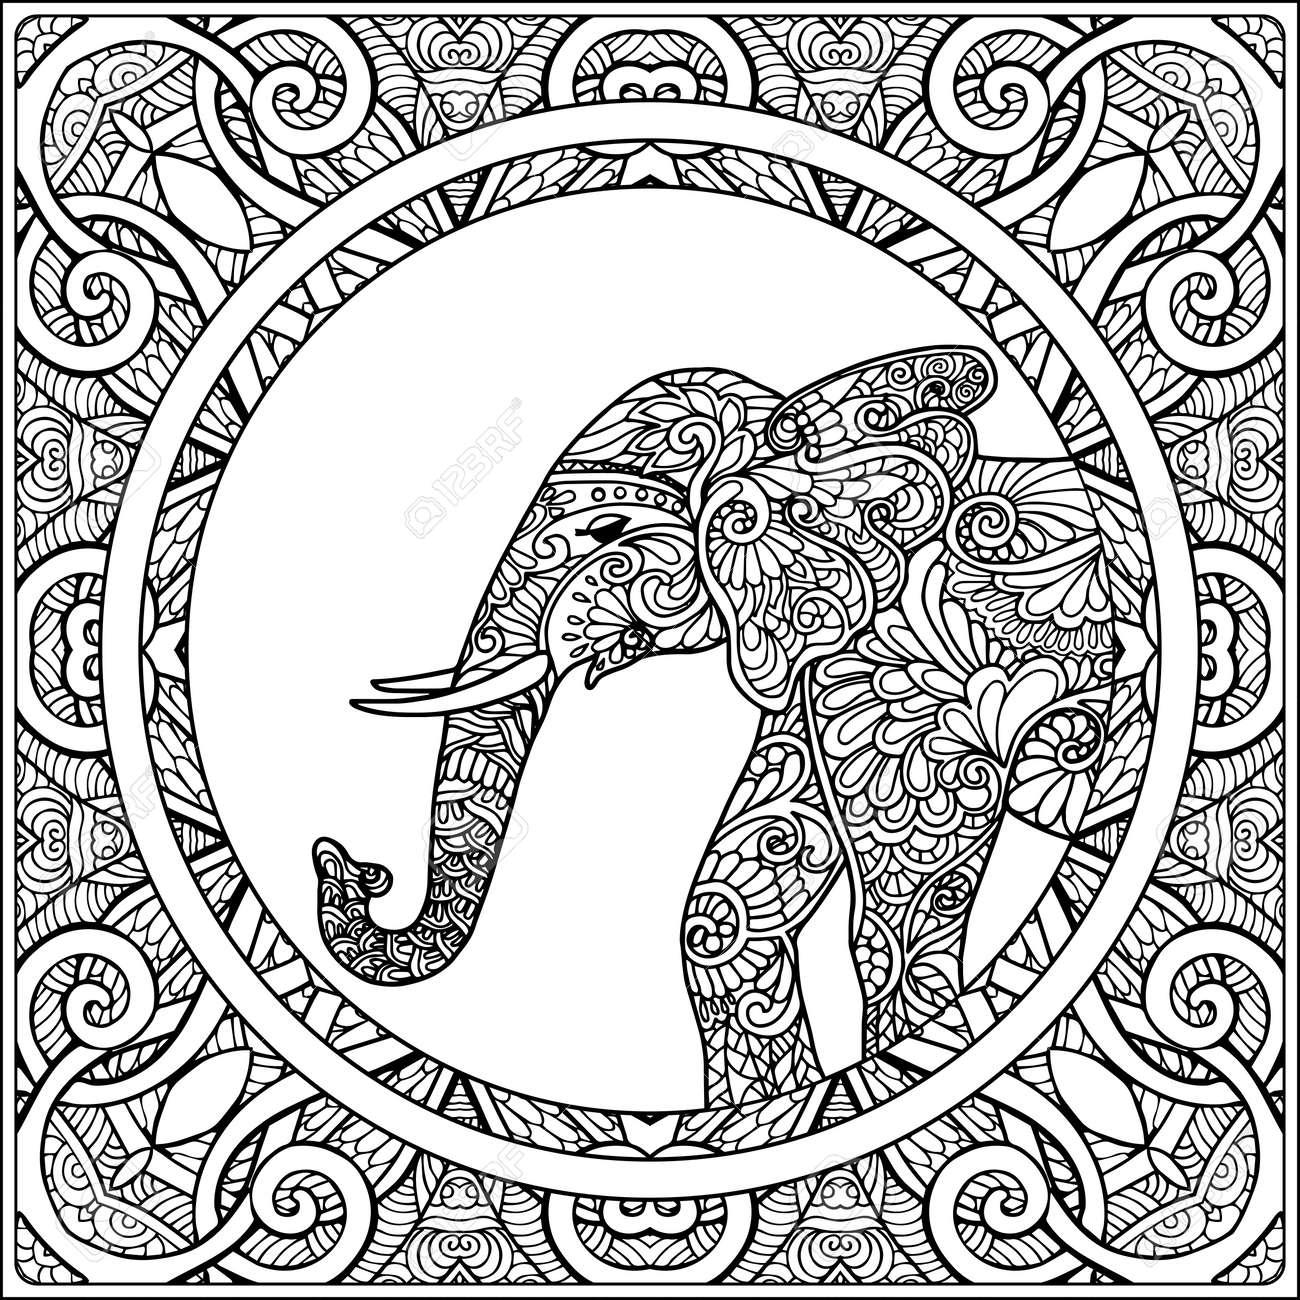 Coloriage Elephant Pour Adulte.Coloriage Avec Des Elephants Dans Le Cadre De Mandala Decoratif